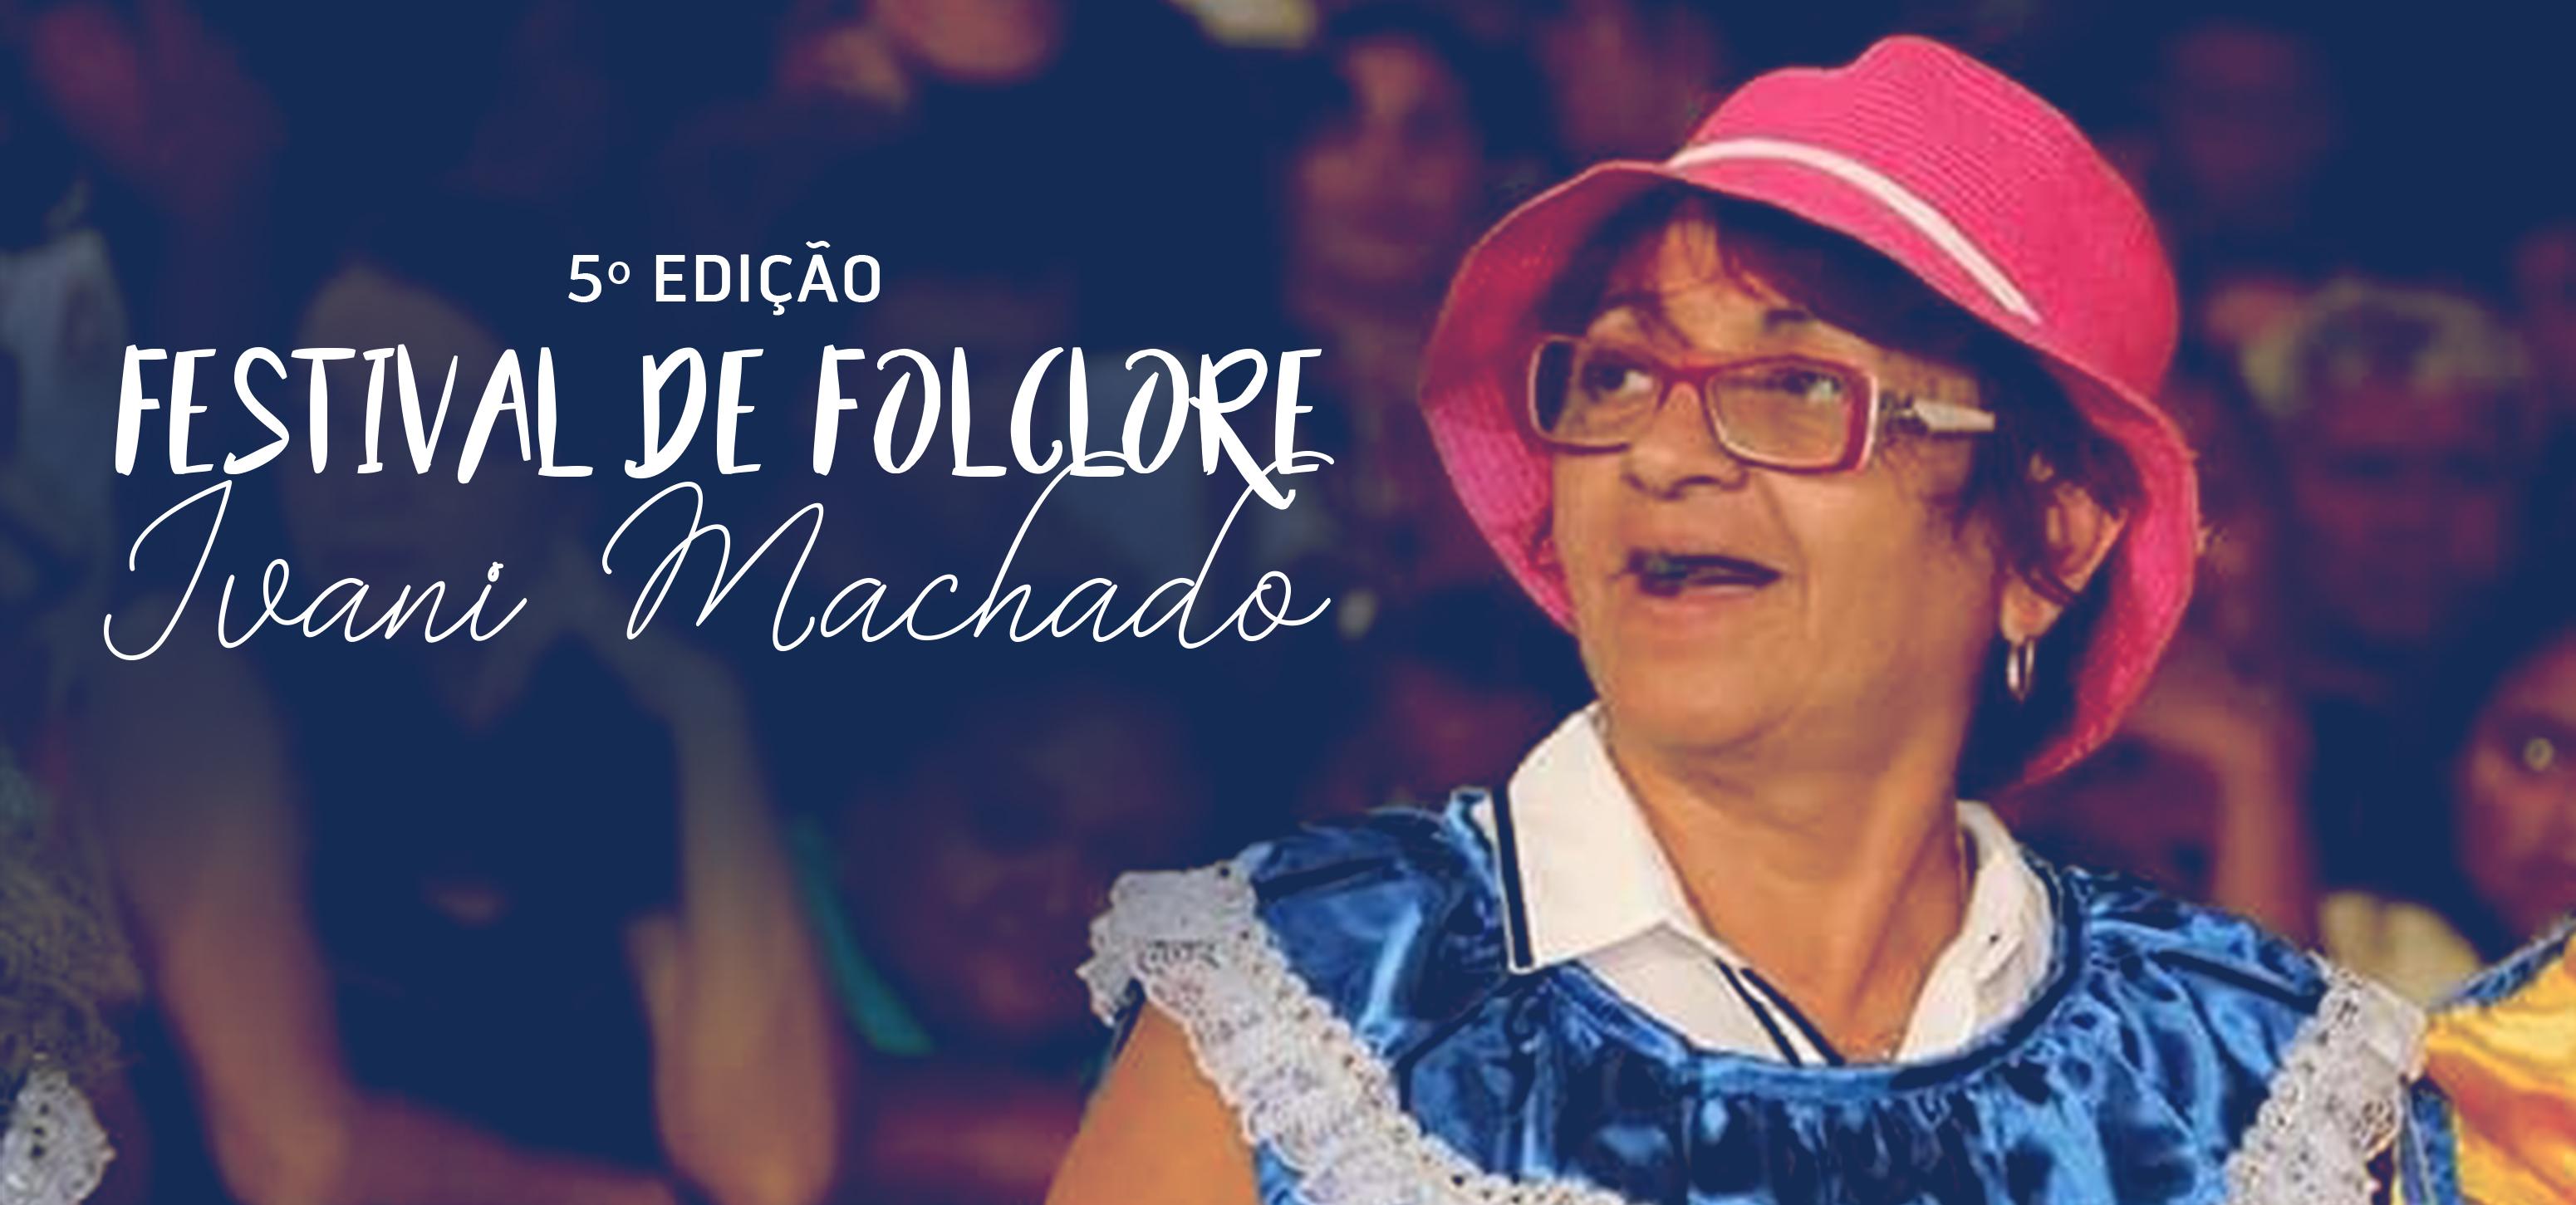 Prefeitura Municipal realiza Festival de Folclore nesta quarta-feira (22)